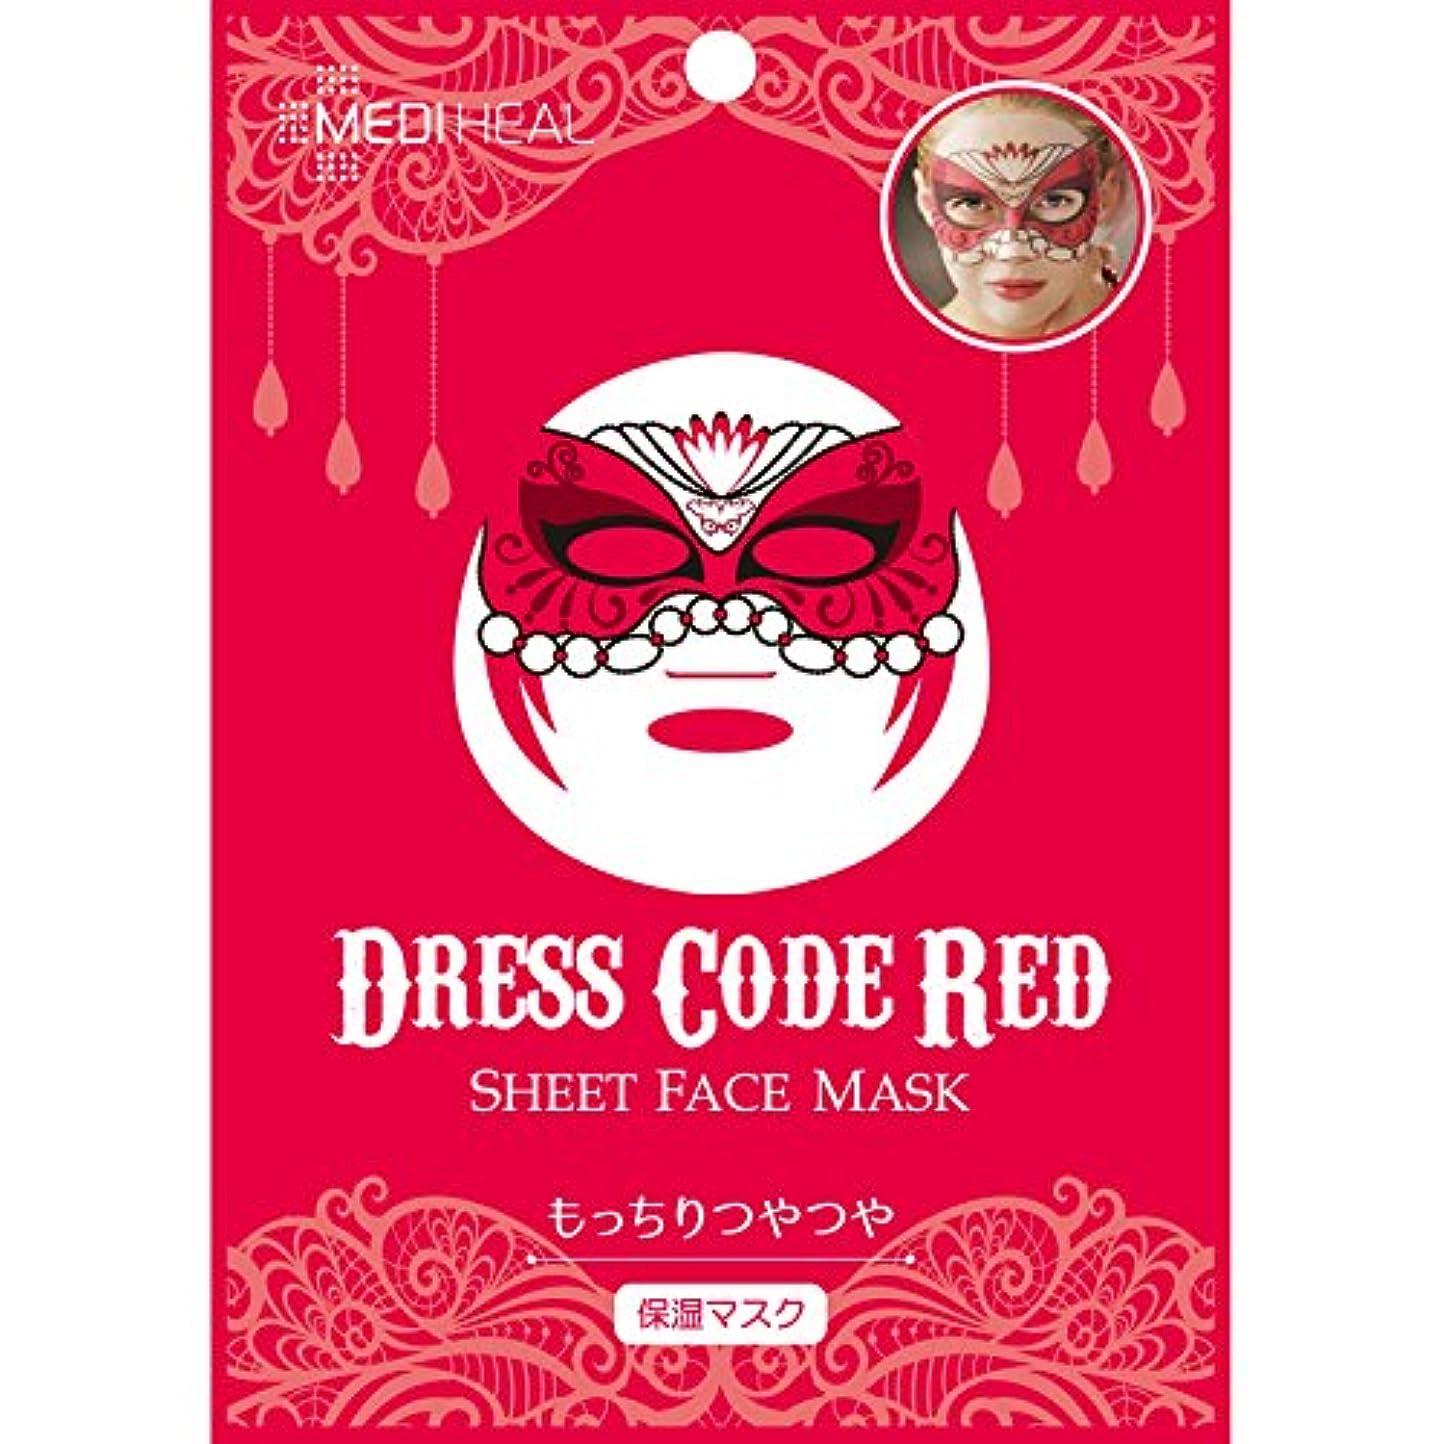 提供する床を掃除する西部メディヒル フェイスマスク ドレスコードレッド (27ML/1シート)